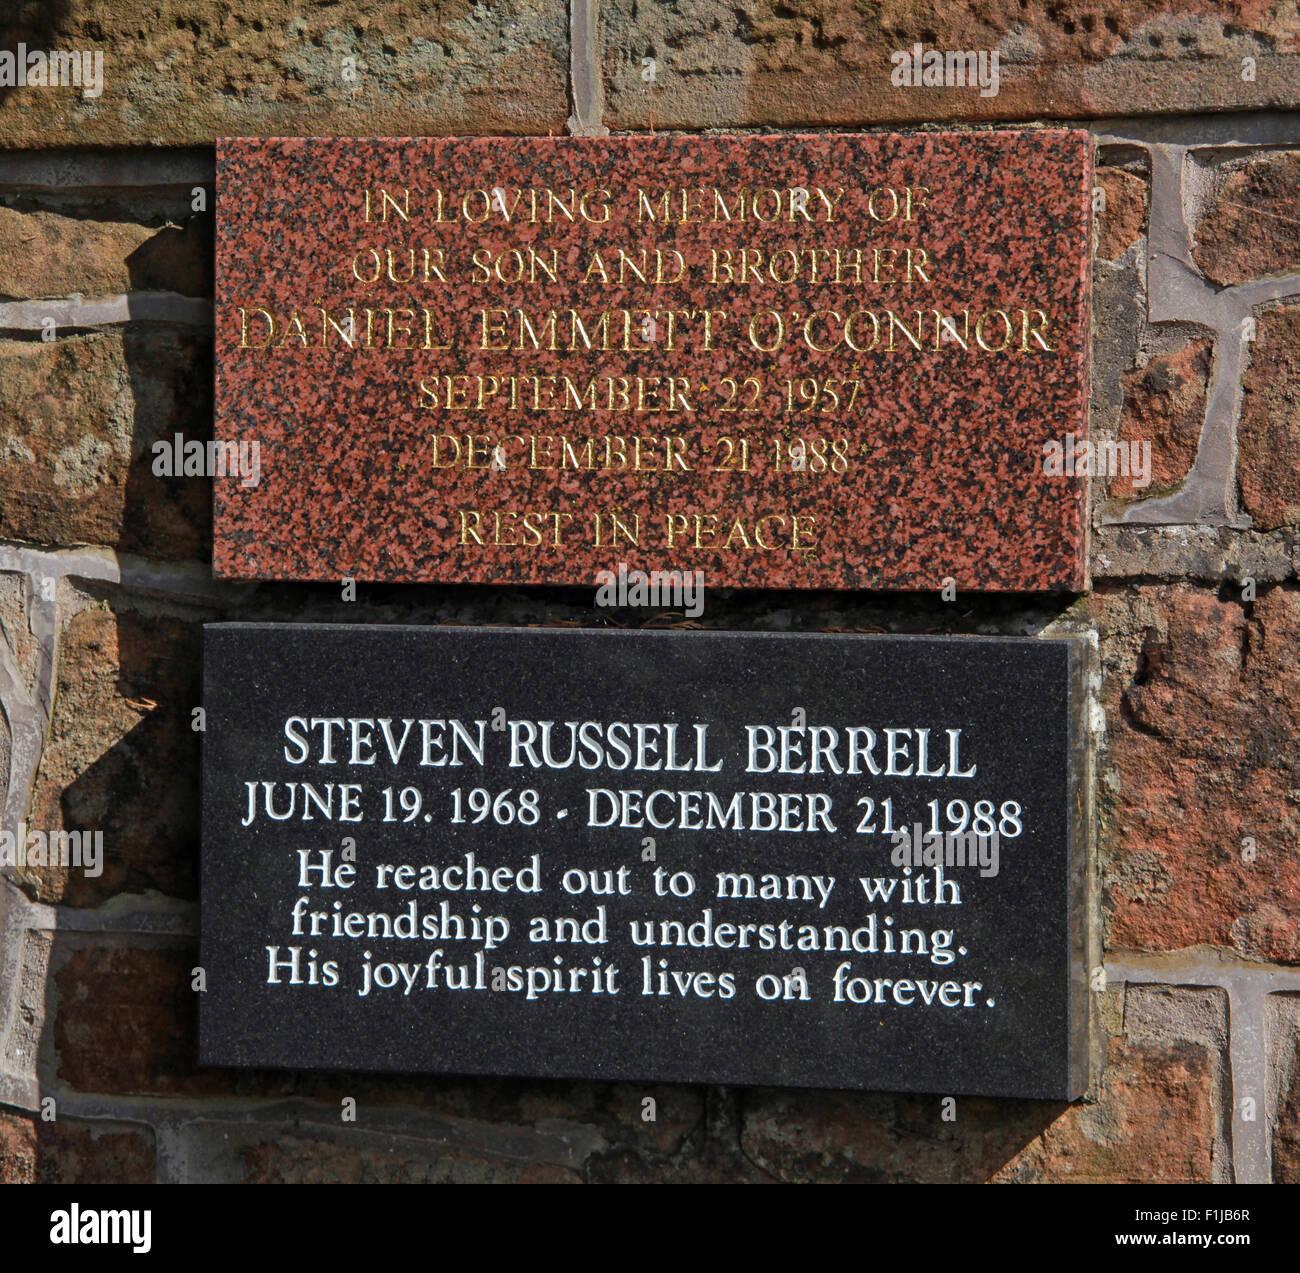 Laden Sie dieses Alamy Stockfoto Lockerbie PanAm103 In Erinnerung Memorial Daniel Emmett O'Connor Steven Russel Berrell, Schottland - F1JB6R